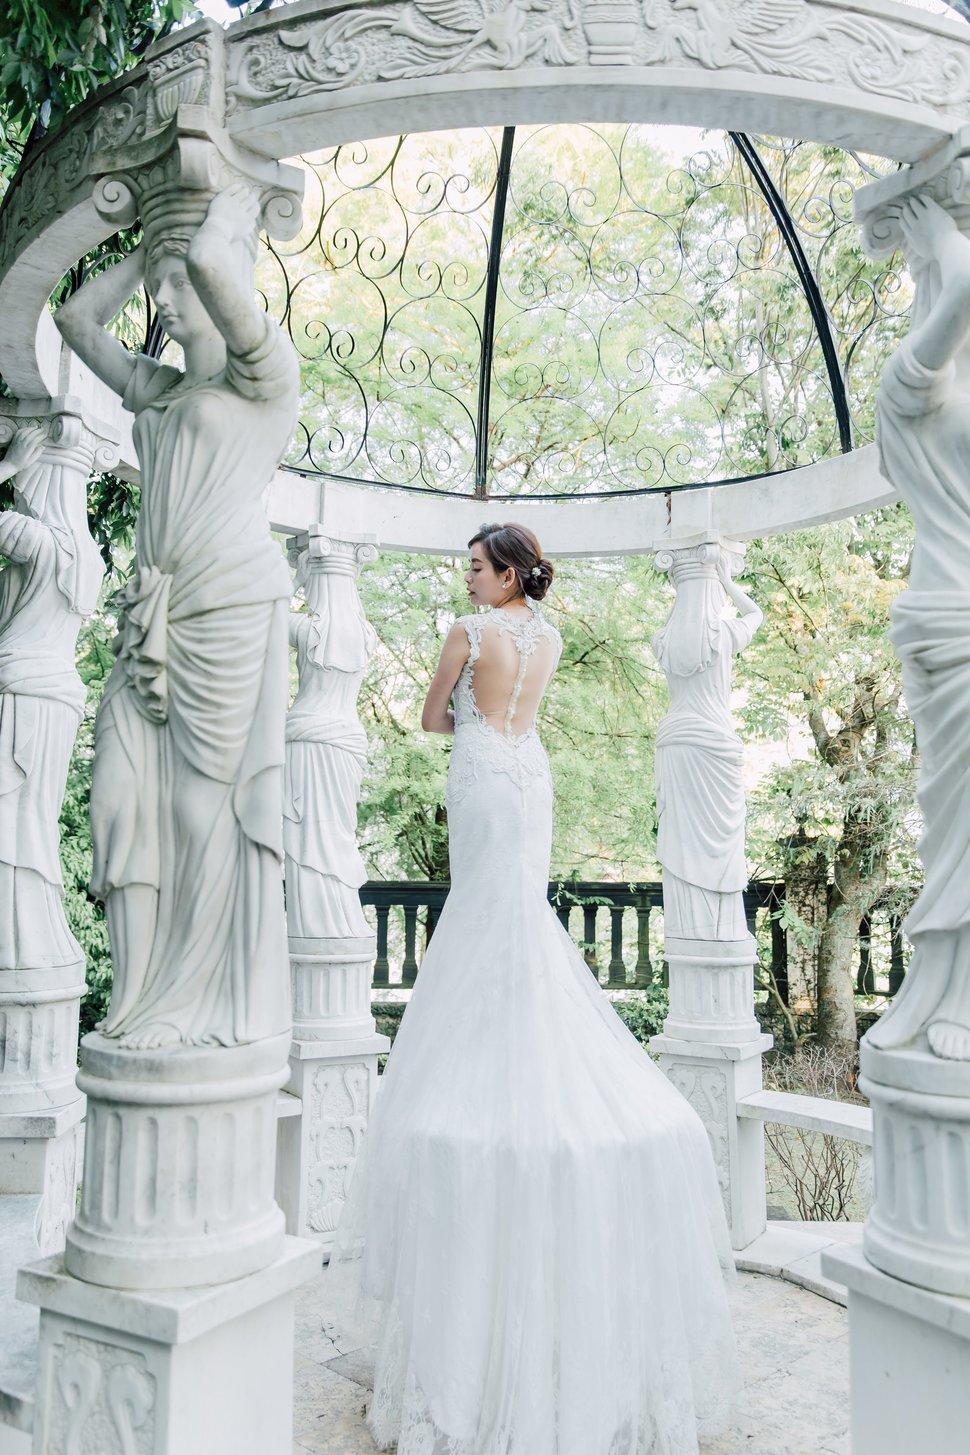 美式婚紗-自助婚紗-Amazing Grace攝影- Amazing Grace Studio-戶外婚紗-老英格蘭婚紗 -台北婚紗-台中婚紗-美式婚攝177 - Amazing Grace Studio《結婚吧》